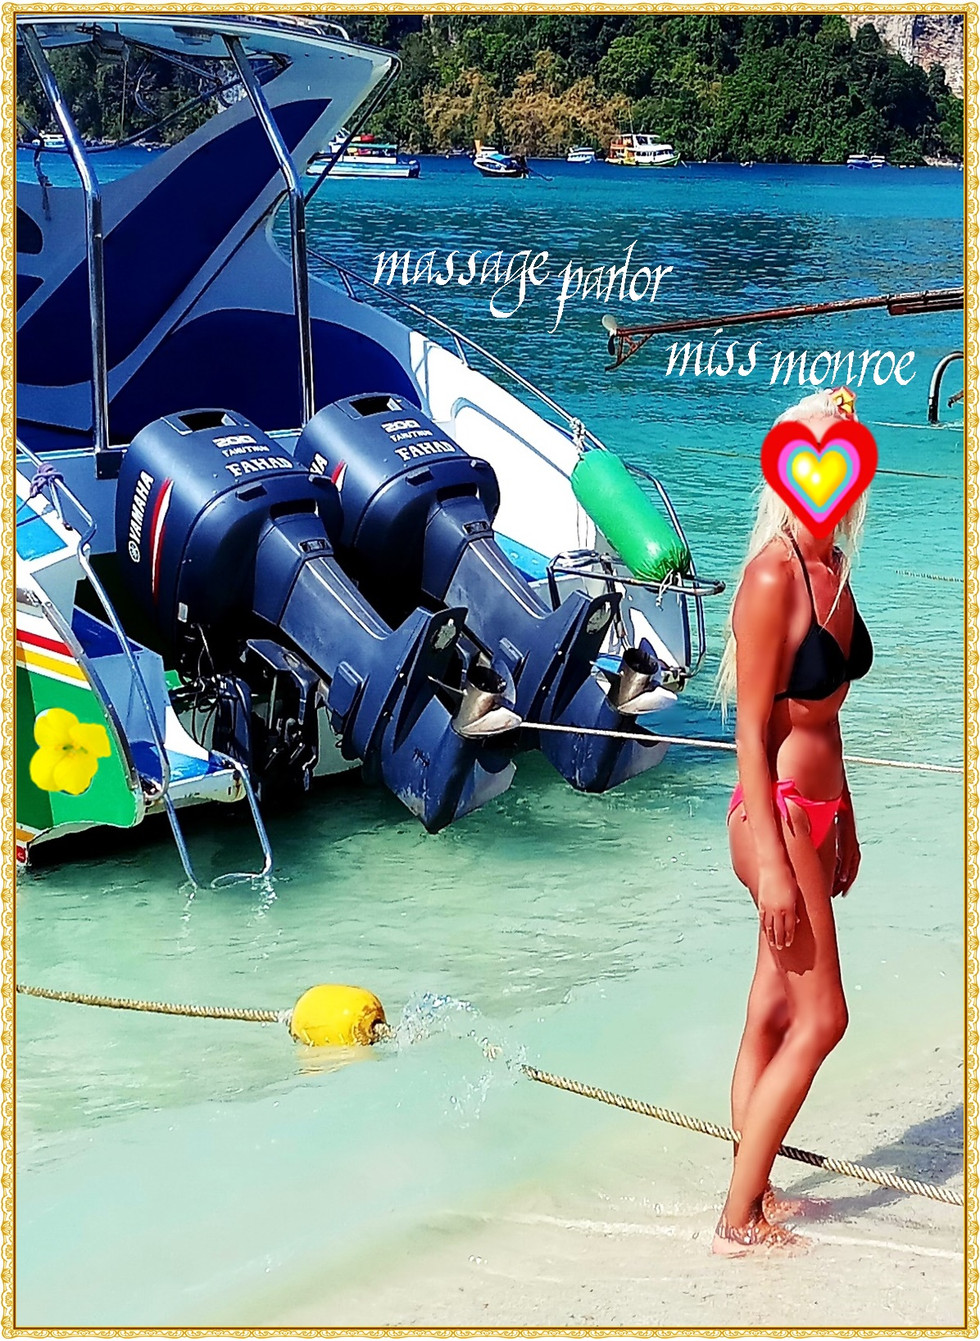 Miss Harbor frame x.jpg